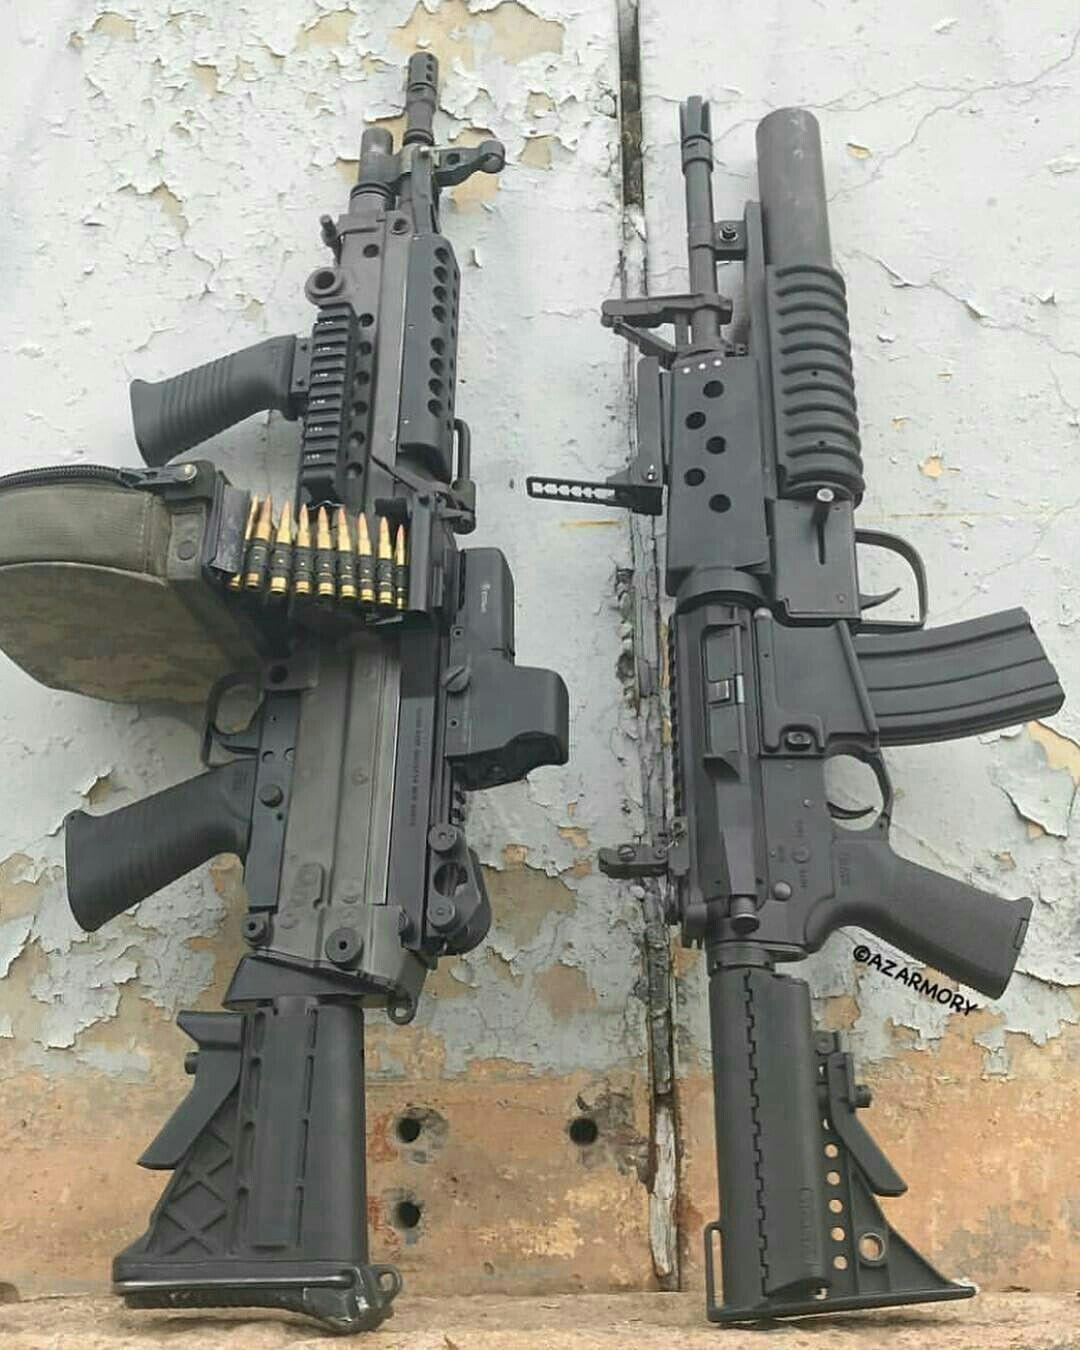 Pin by Chris Beberness on Guns | Military guns, Guns, ammo ...